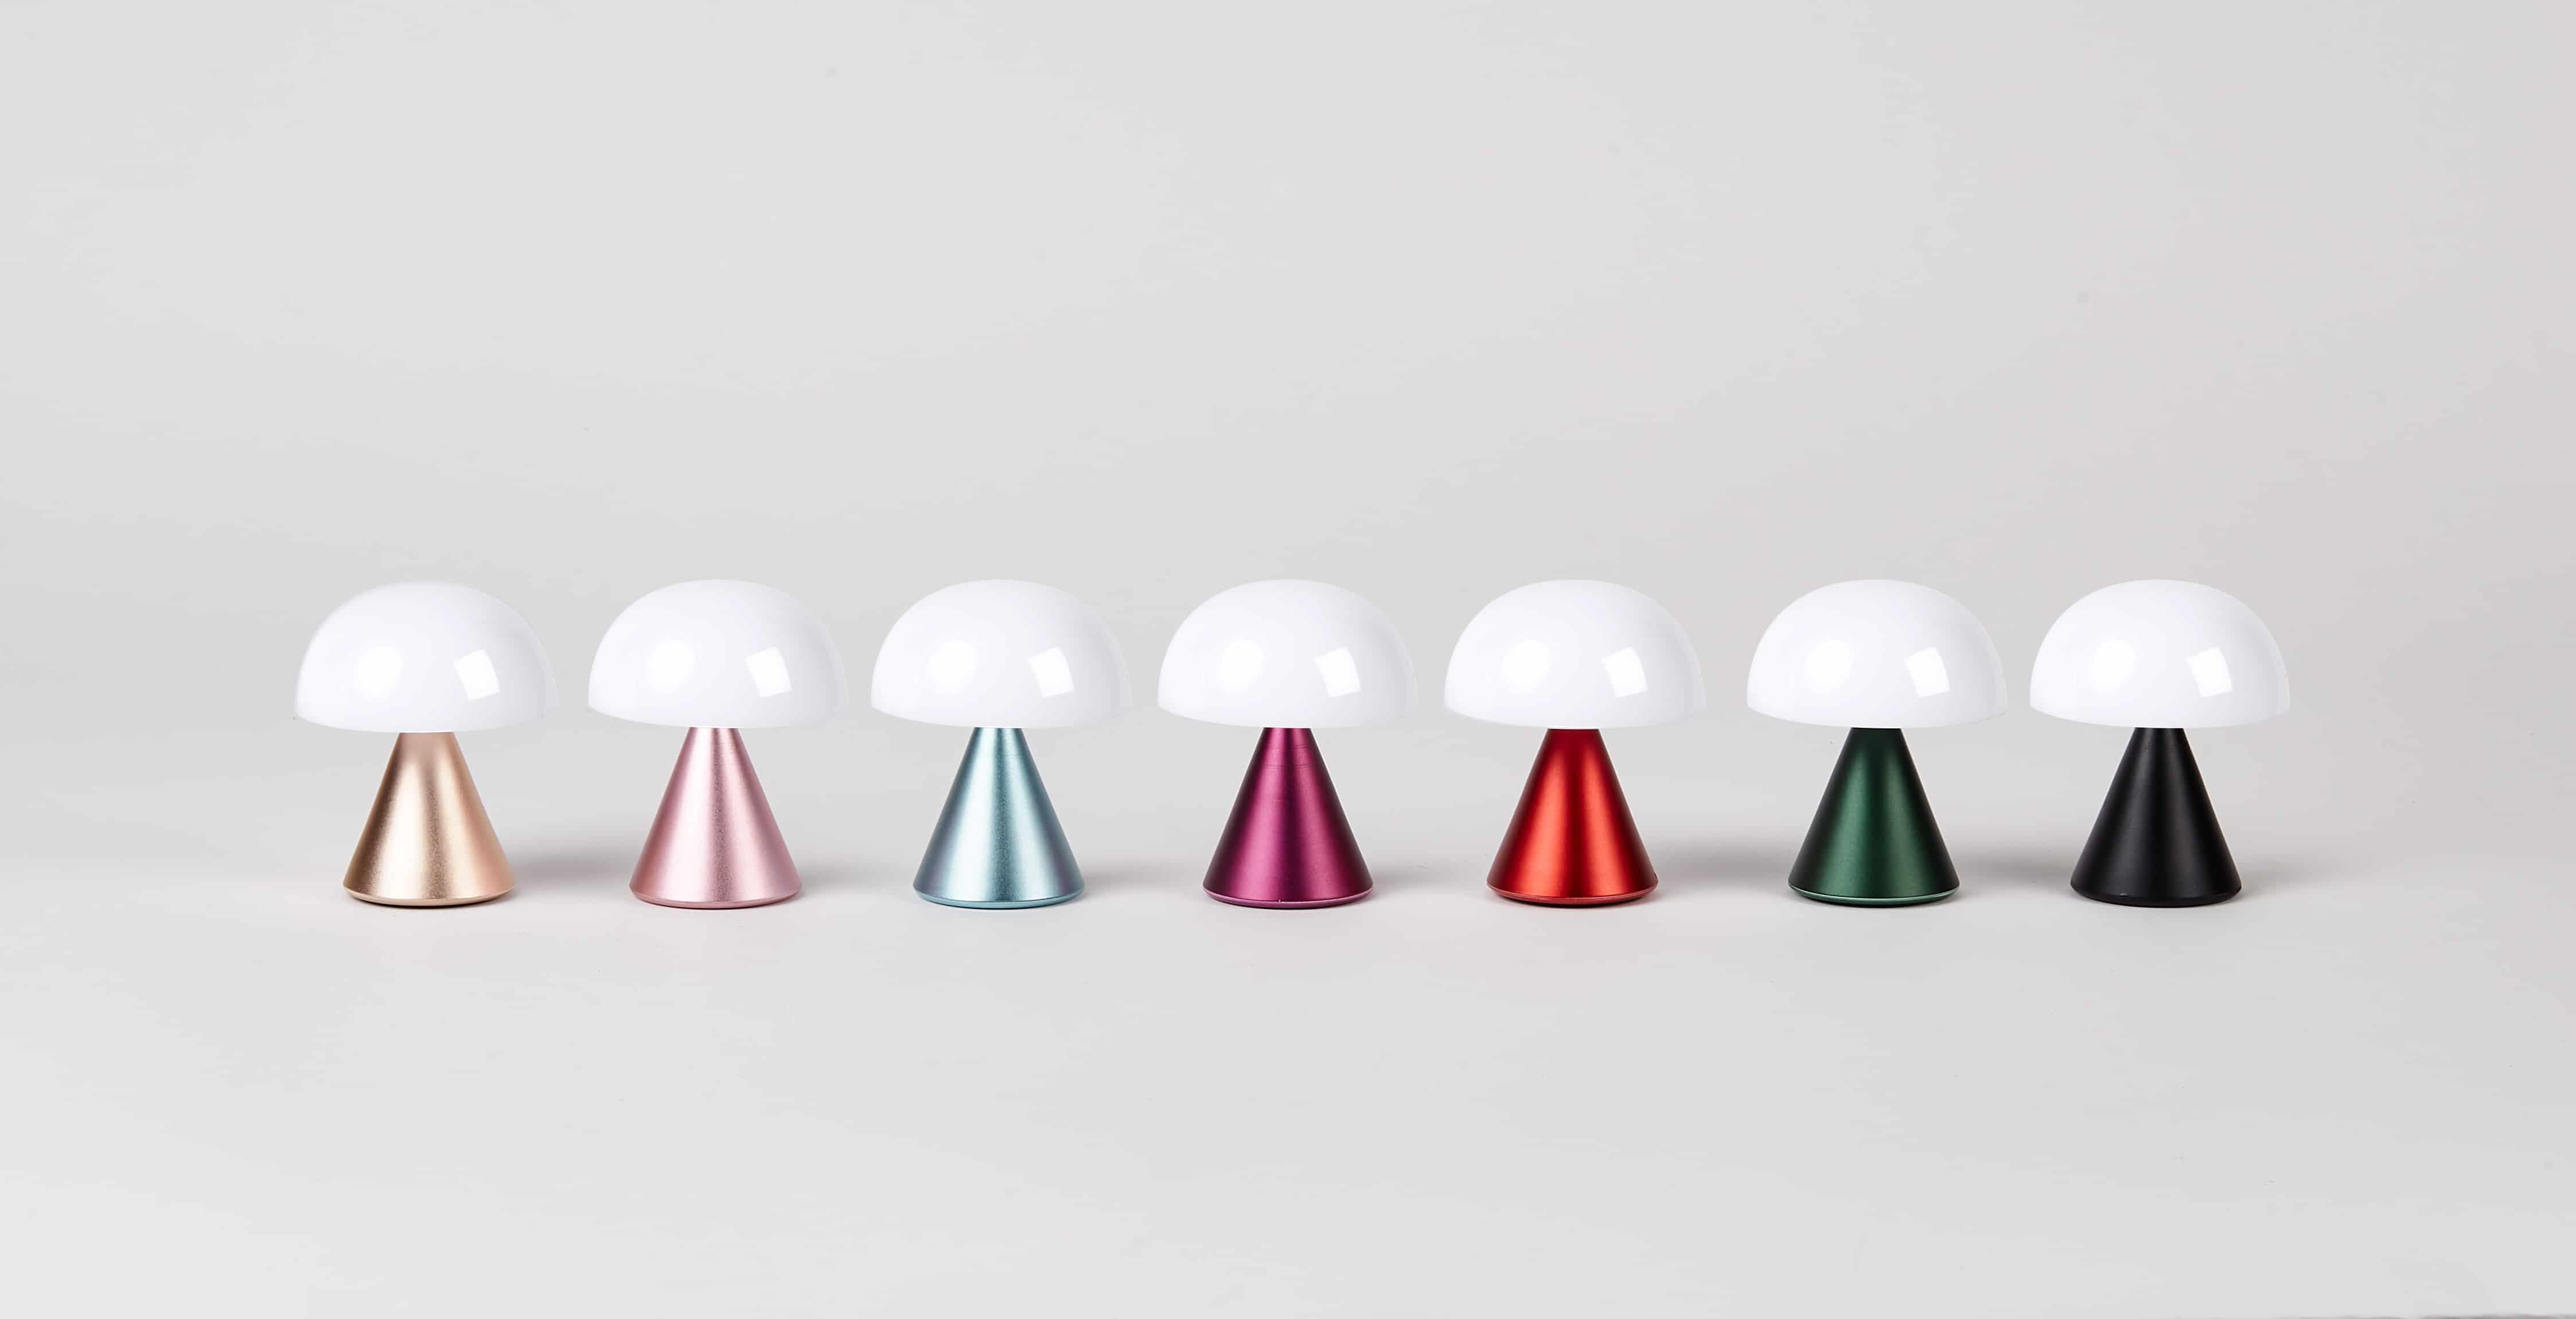 Lampada led Mina Lexon - tutti i colori